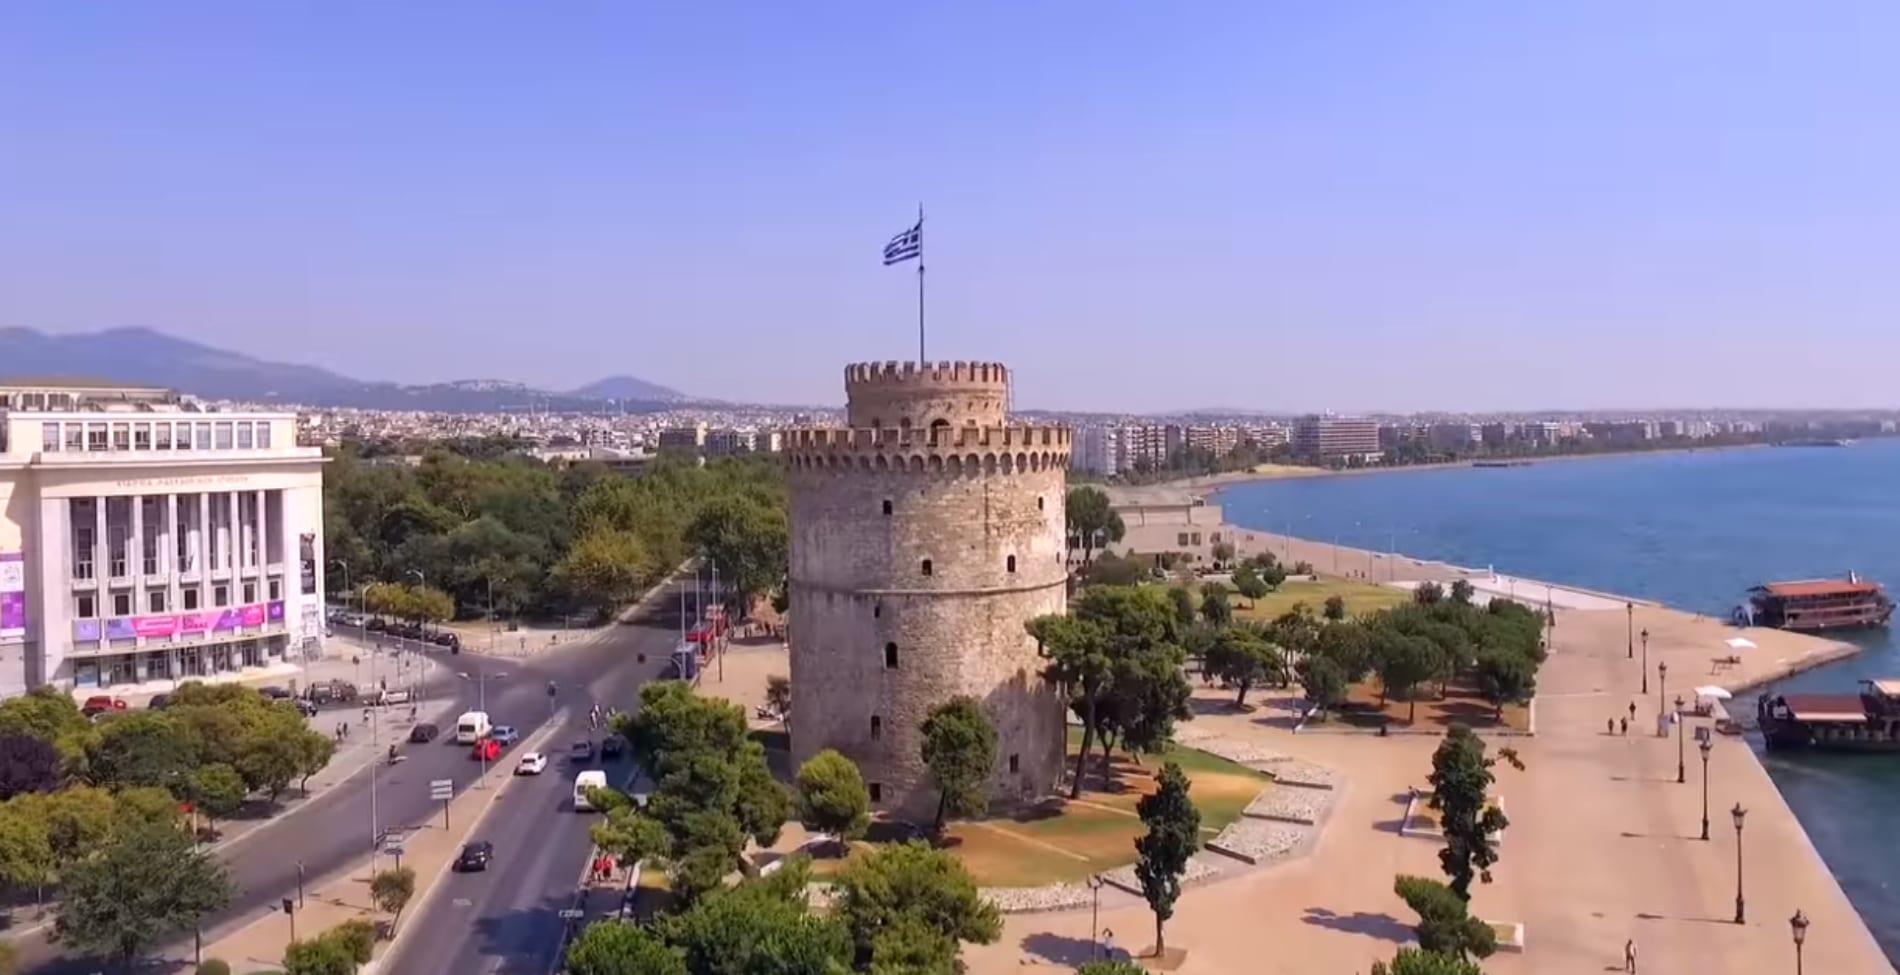 Θεσσαλονίκη: 18χρονη έκανε πάρτι γενεθλίων εν μέσω lockdown -Συνελήφθη και της επιβλήθηκε 3.000 ευρώ πρόστιμο